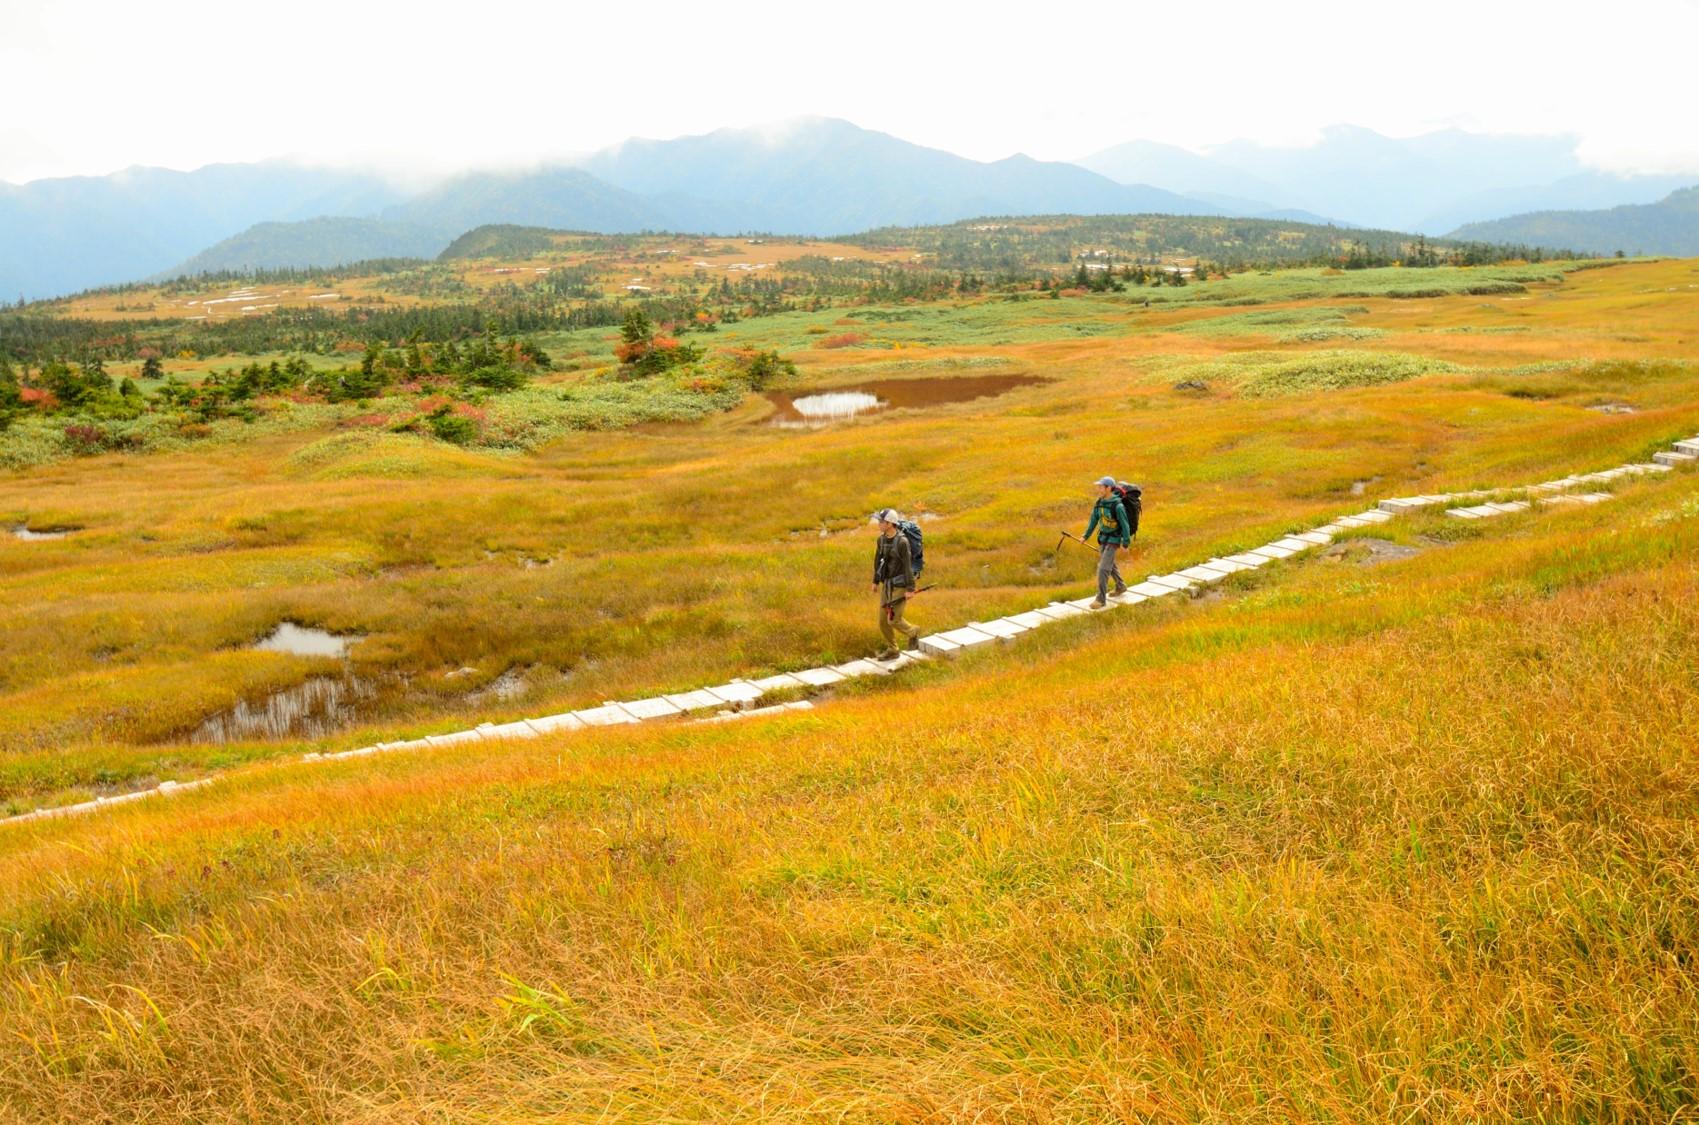 美しい天空の楽園を訪れる<br>ゆっくり日本の名山<br>苗場山(信越トレイルセクション10)